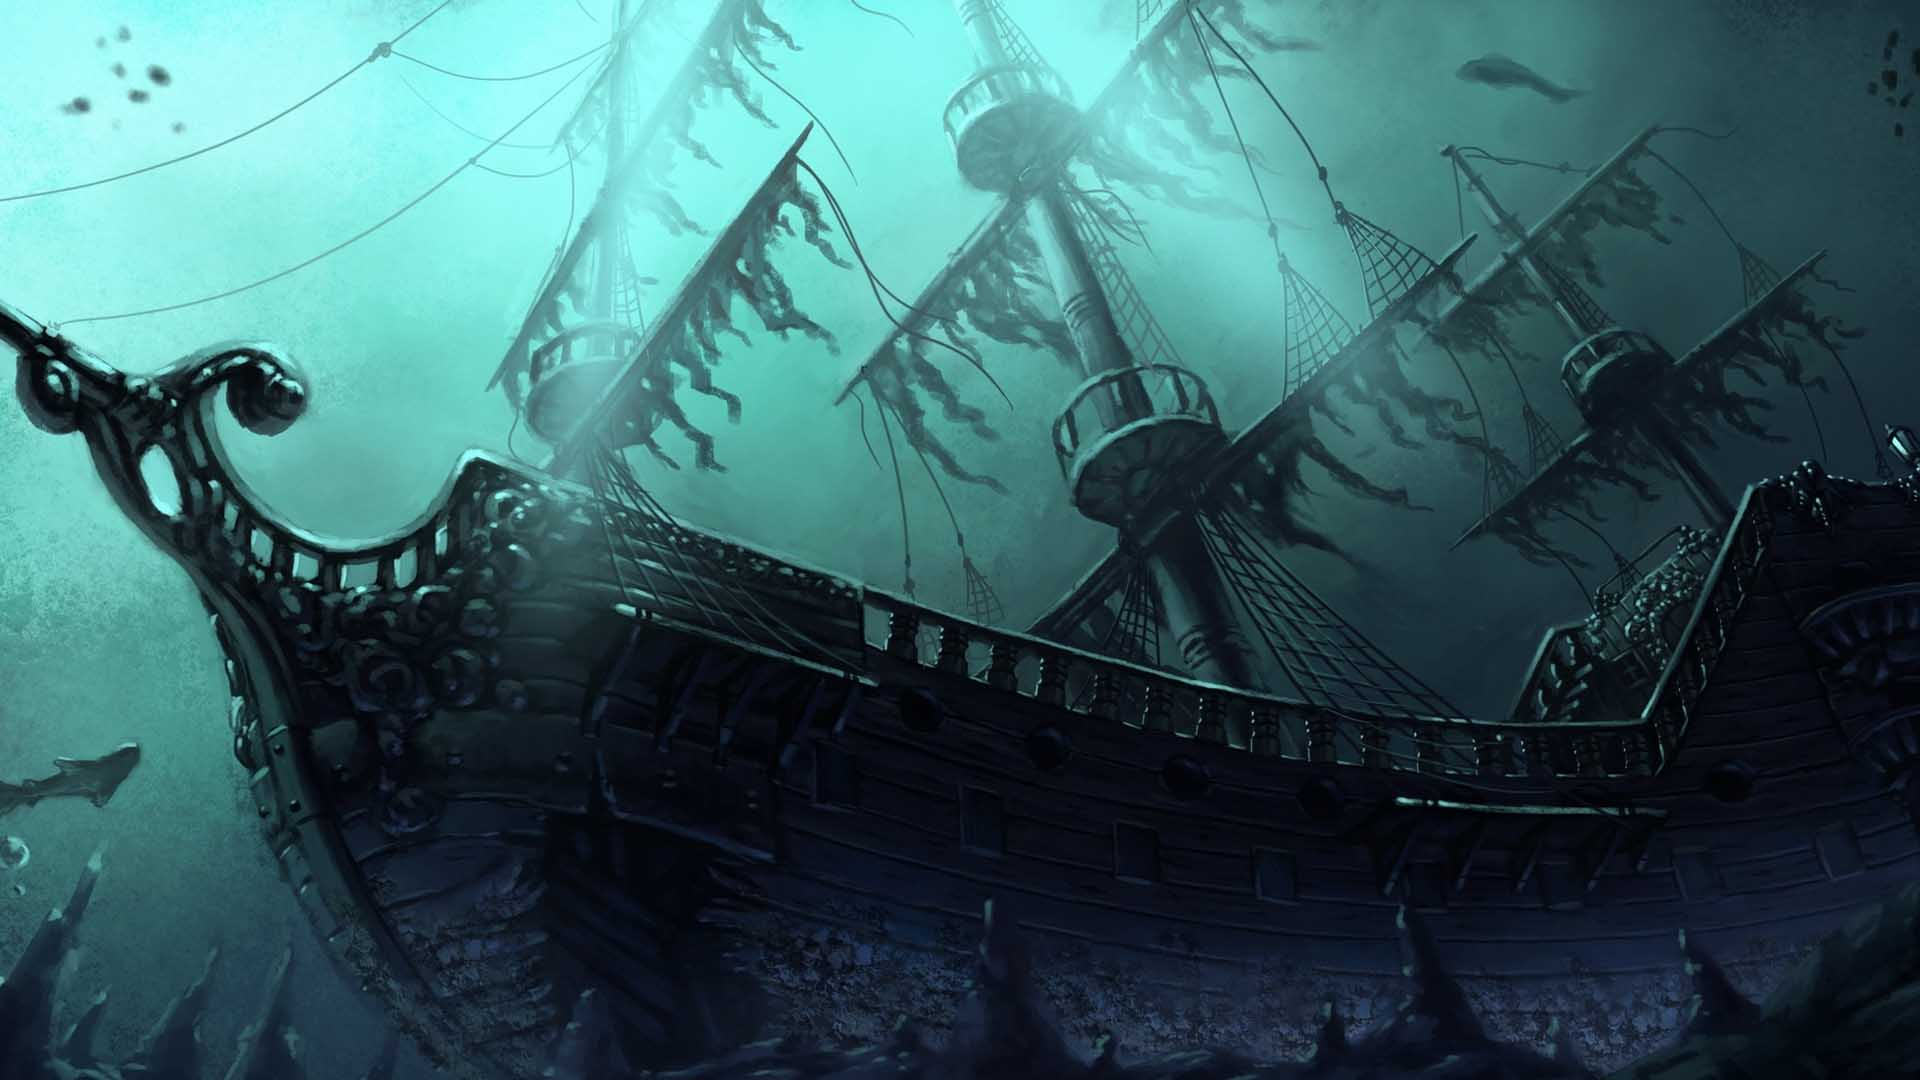 bateau pirate wallpaper - photo #44